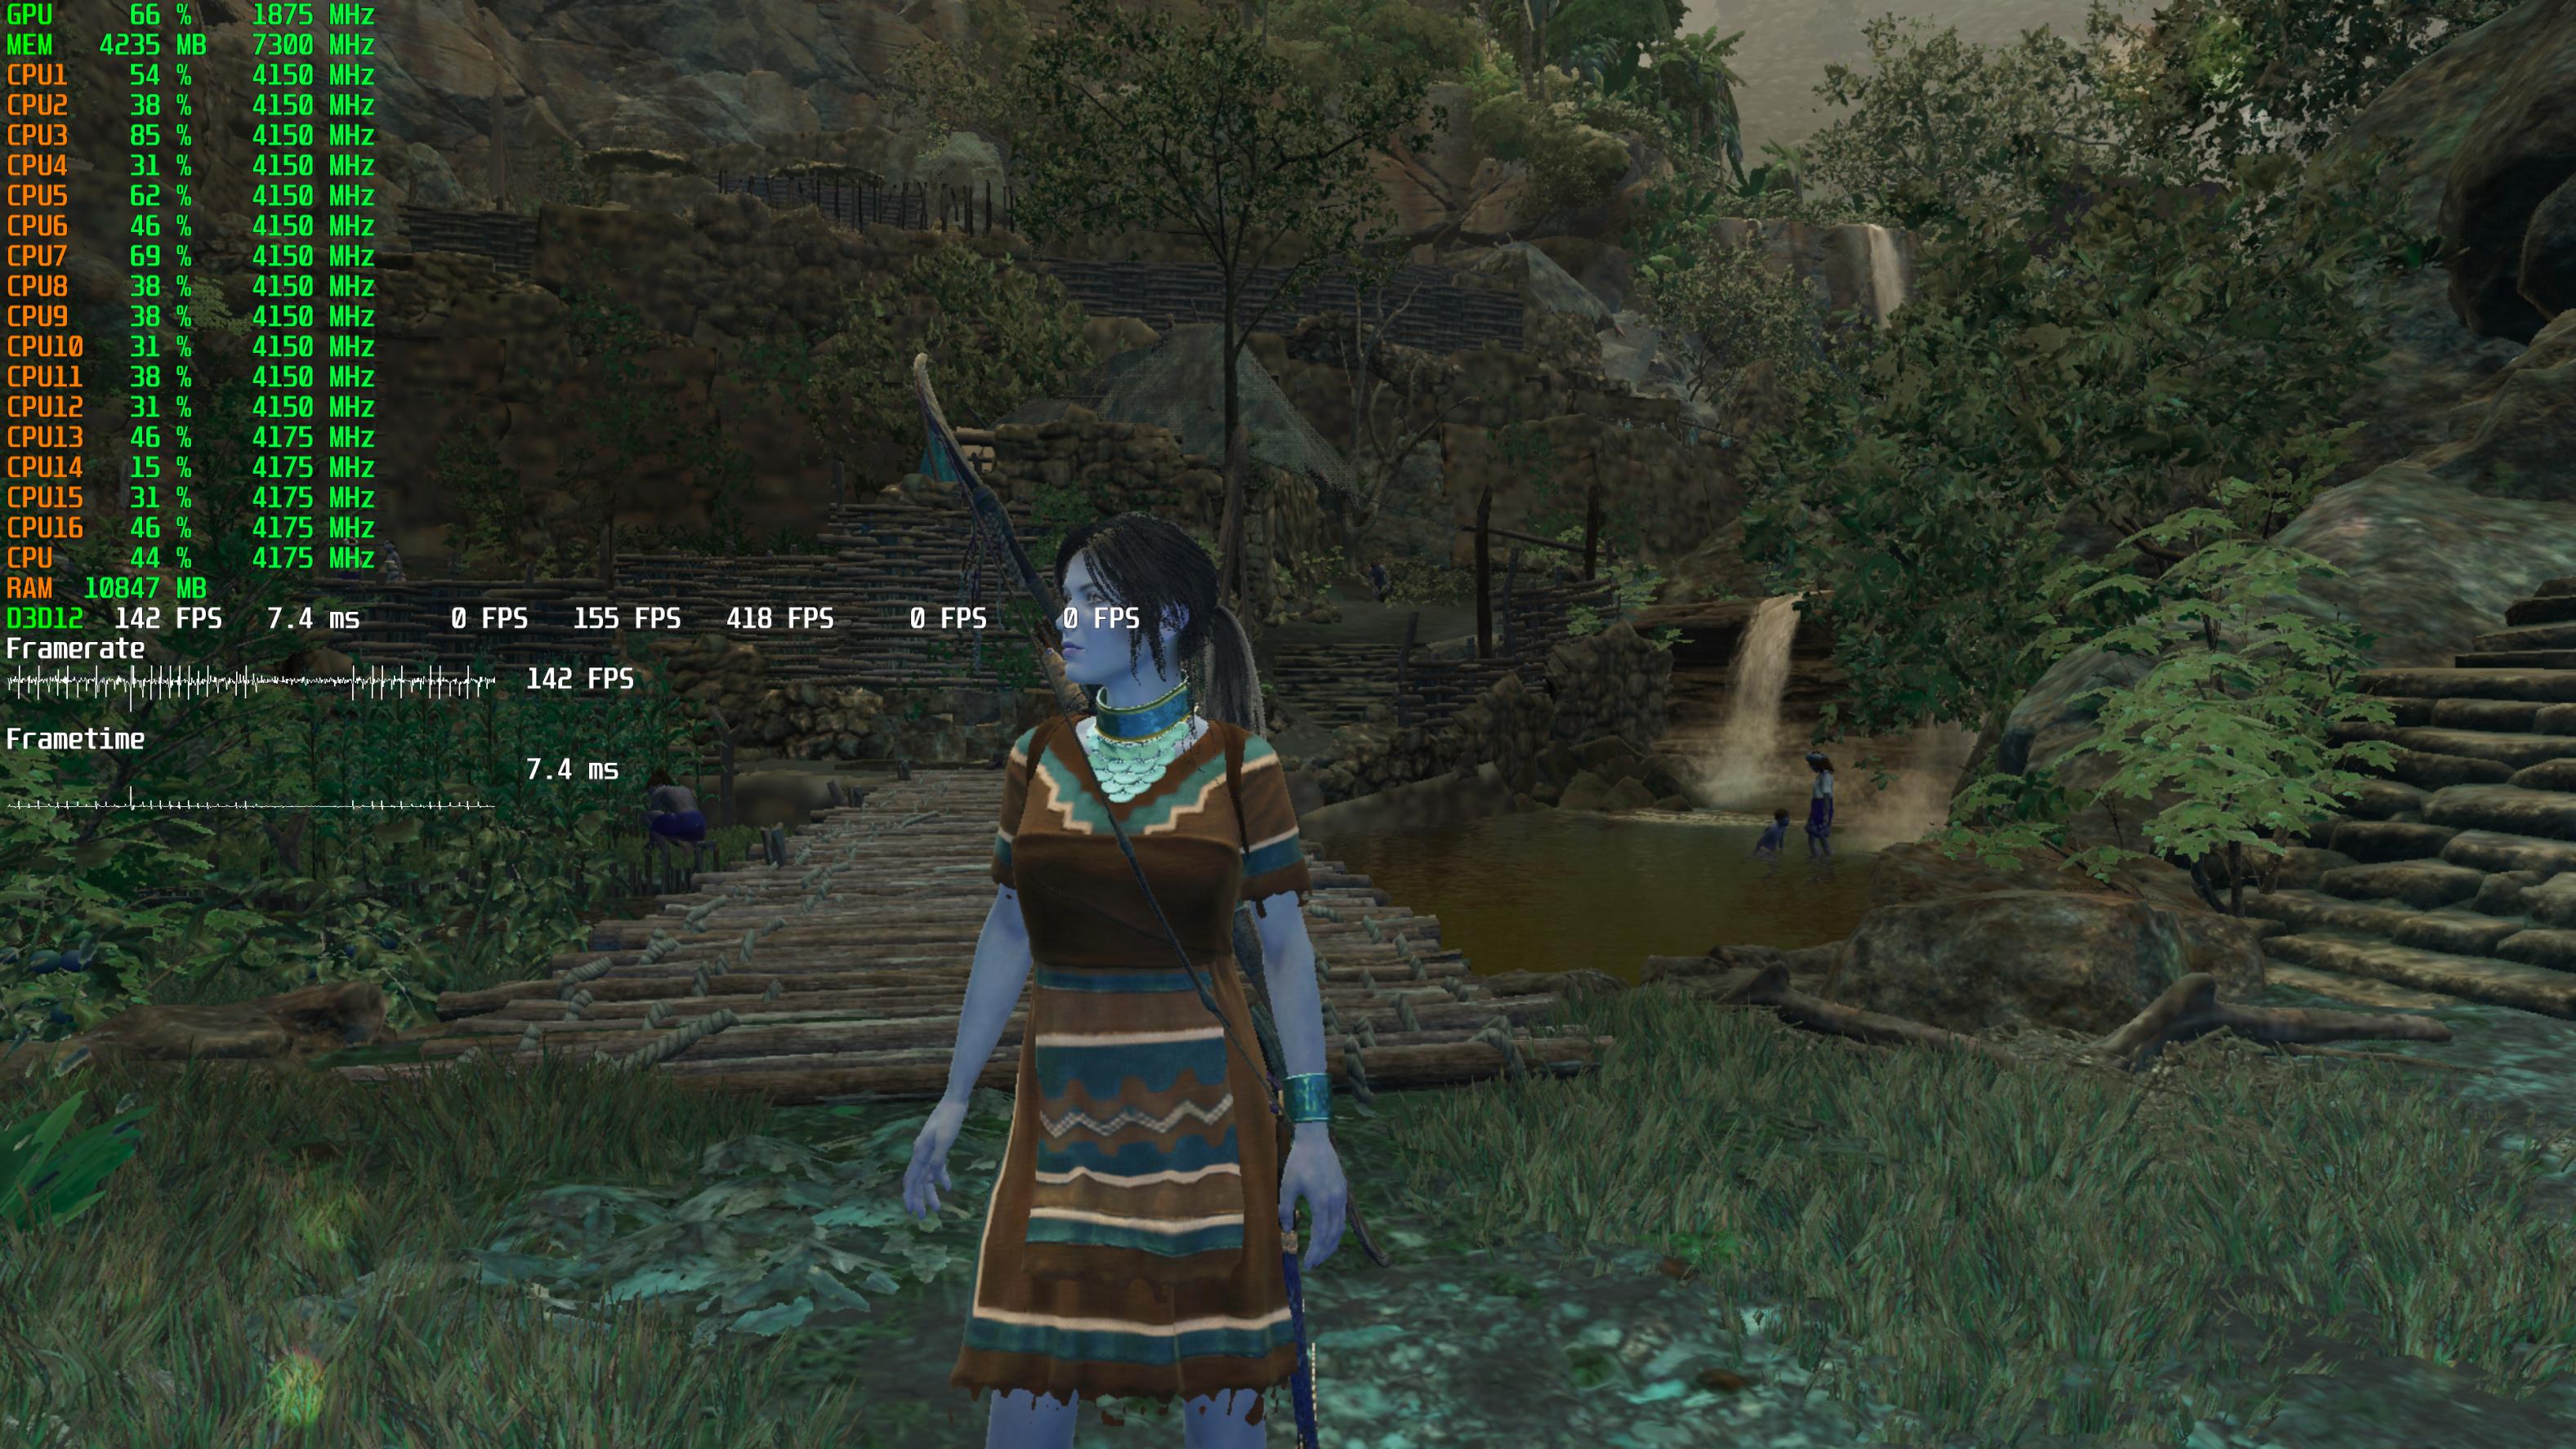 Klicken Sie auf die Grafik für eine größere Ansicht  Name:Shadow of the Tomb Raider Screenshot 2019.08.01 - 22.14.36.35.jpg Hits:432 Größe:2,21 MB ID:1054336